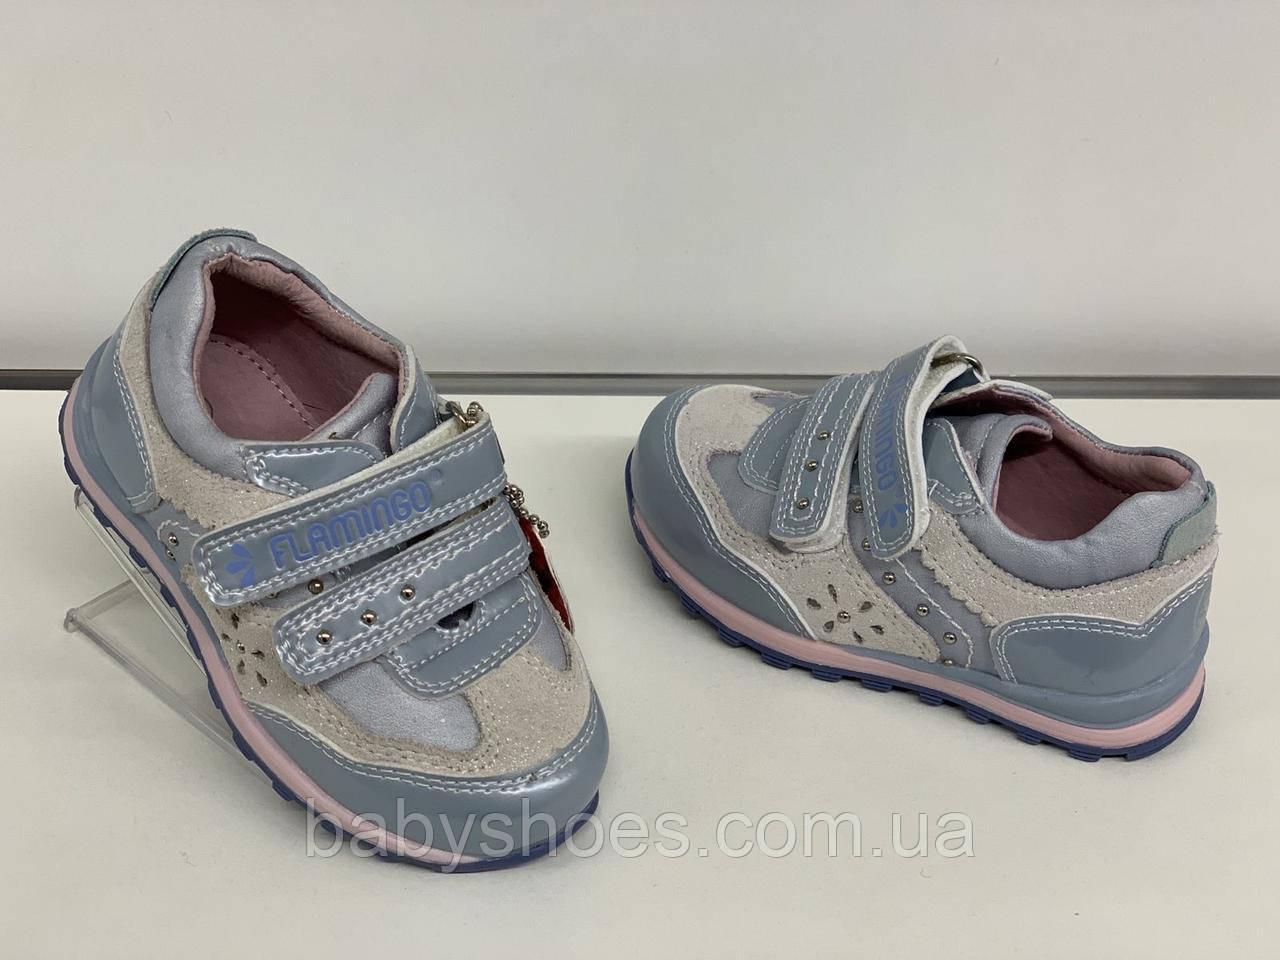 Кроссовки для девочки Flamingo р. 22-27